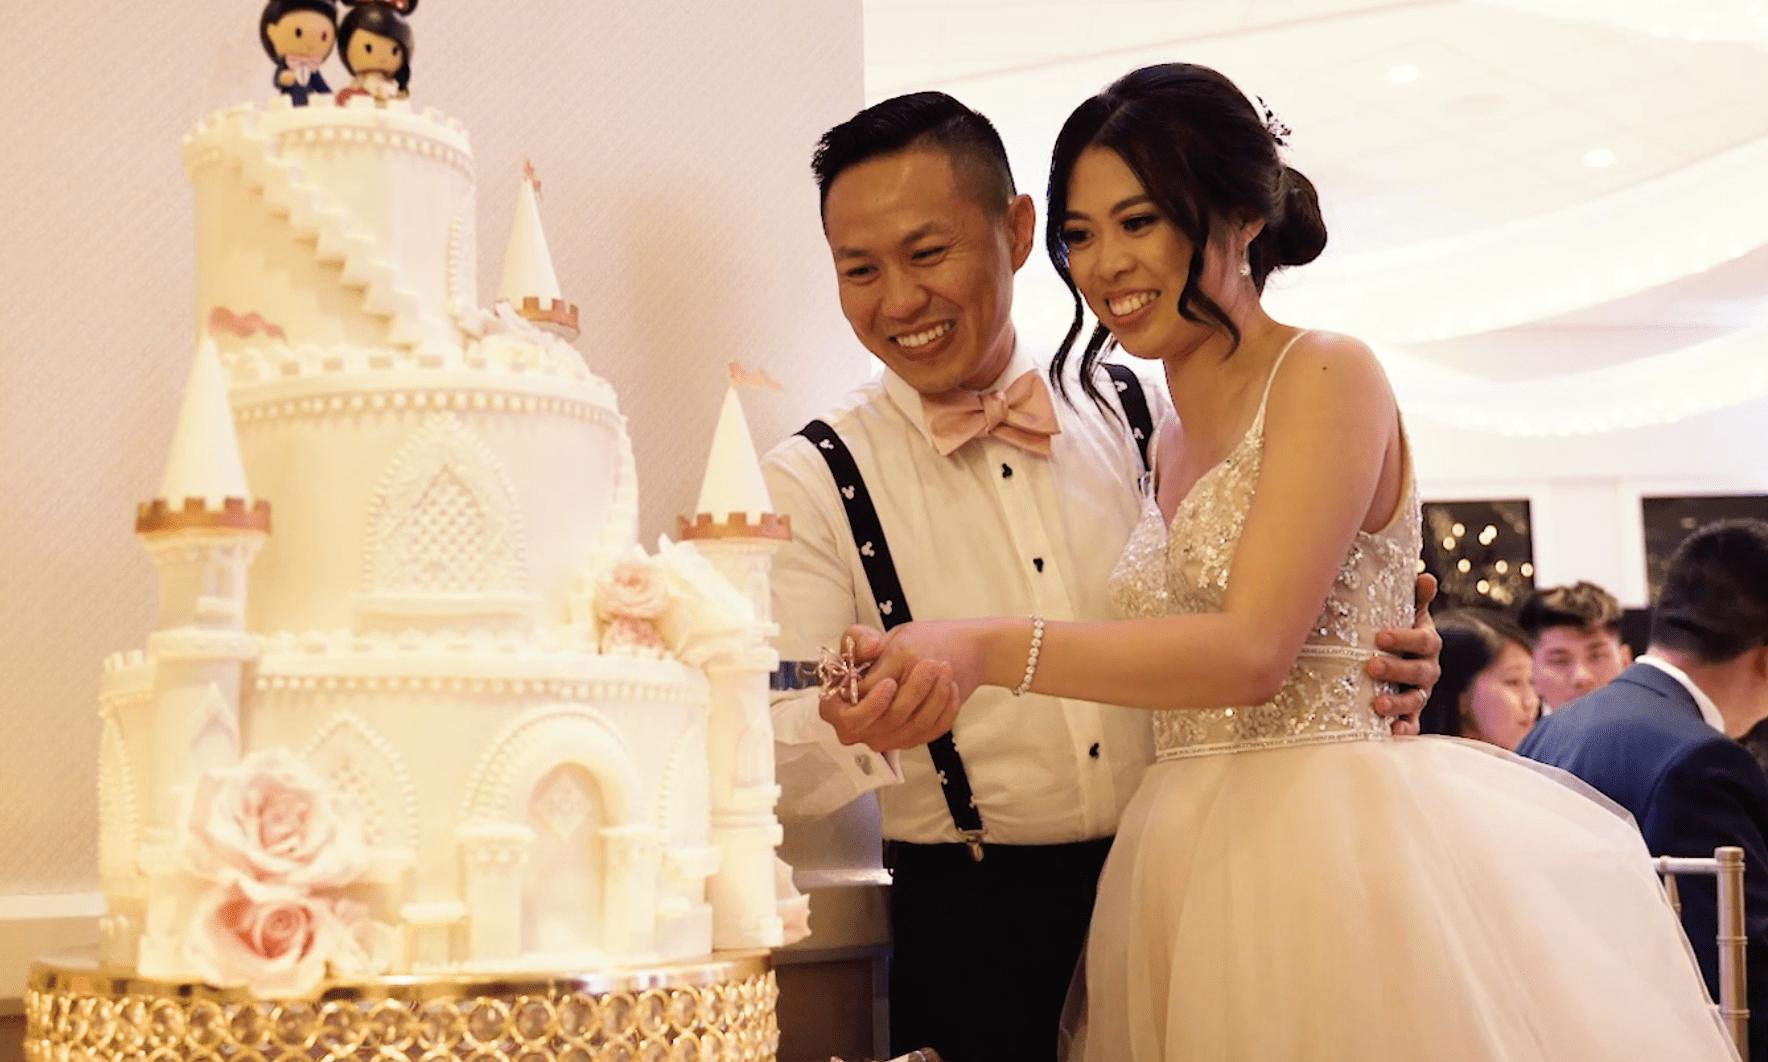 disney-wedding-theme-cake